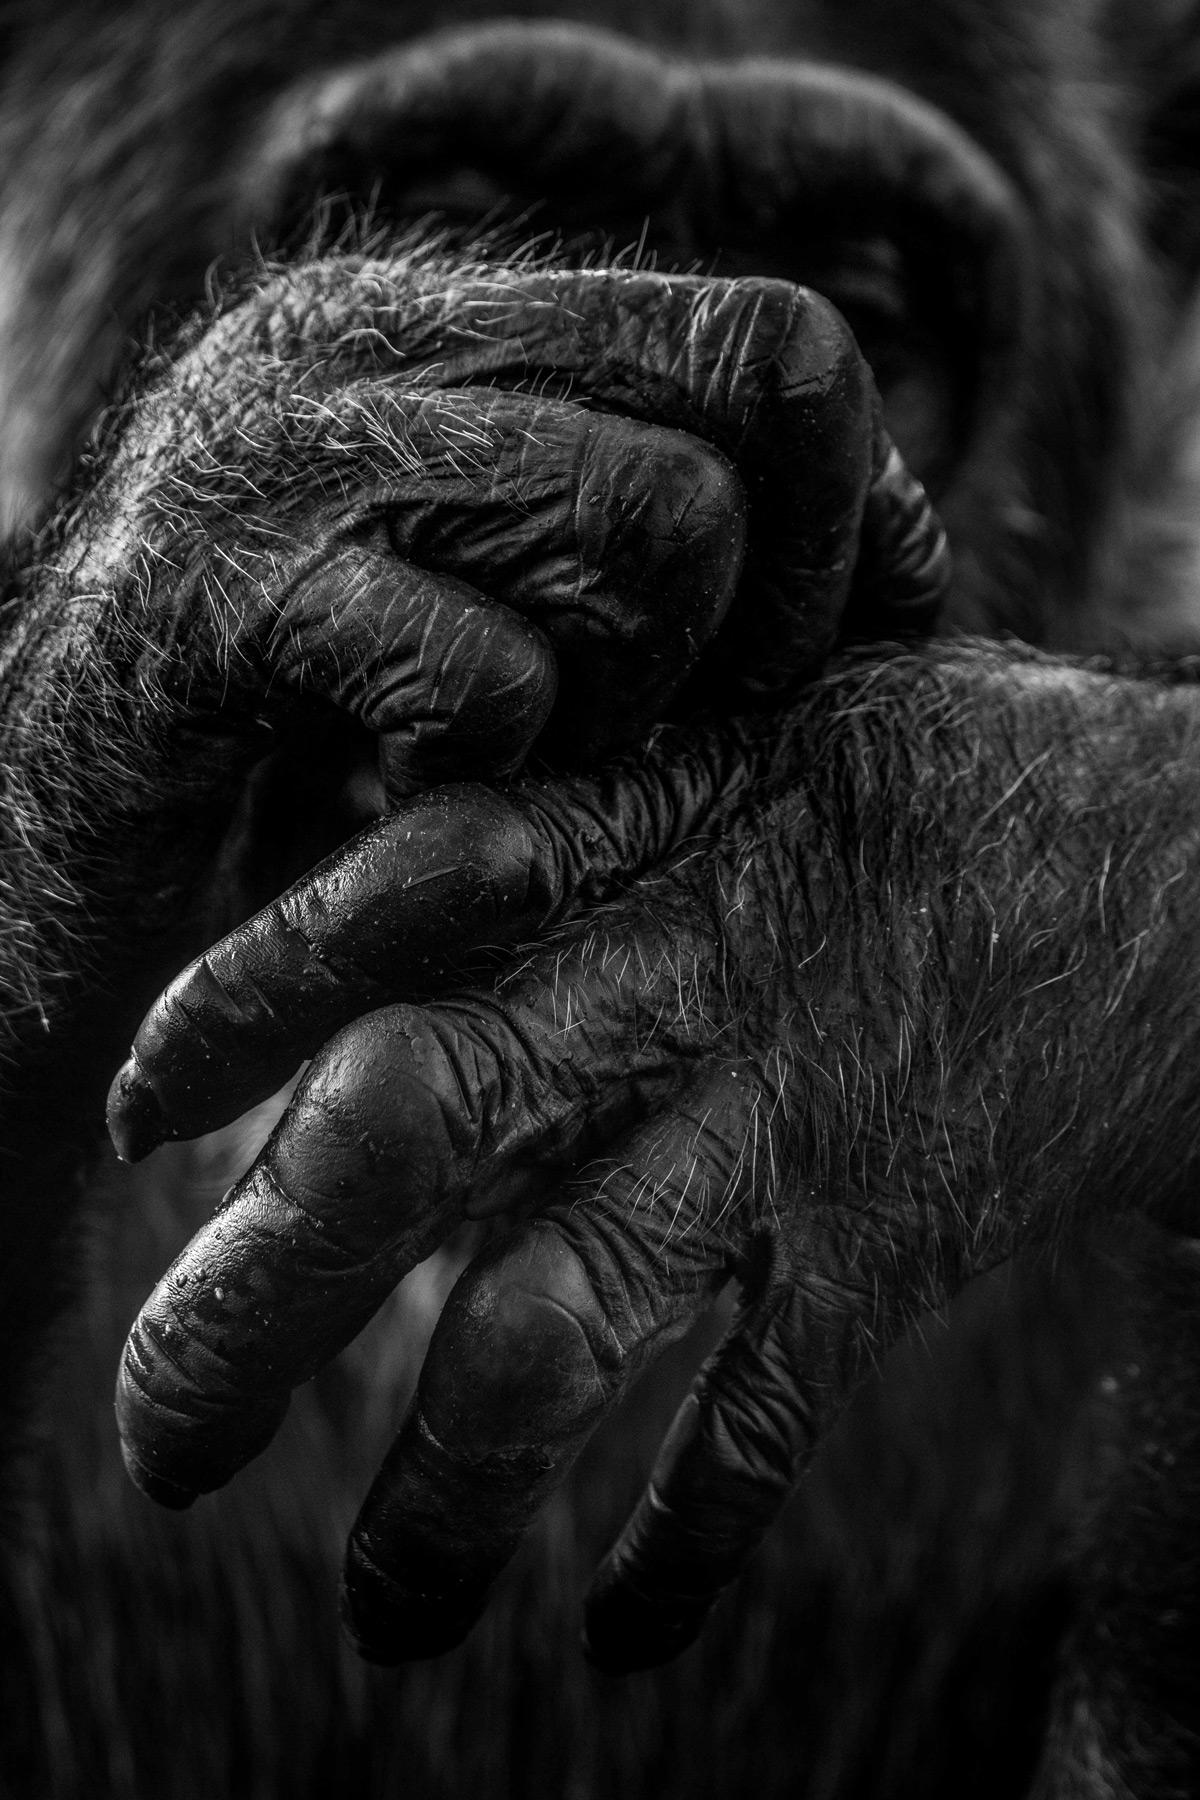 A chimpanzee scratches an itch at Ngamba Island Chimpanzee Sanctuary, Lake Victoria, Uganda © Anthony Ochieng